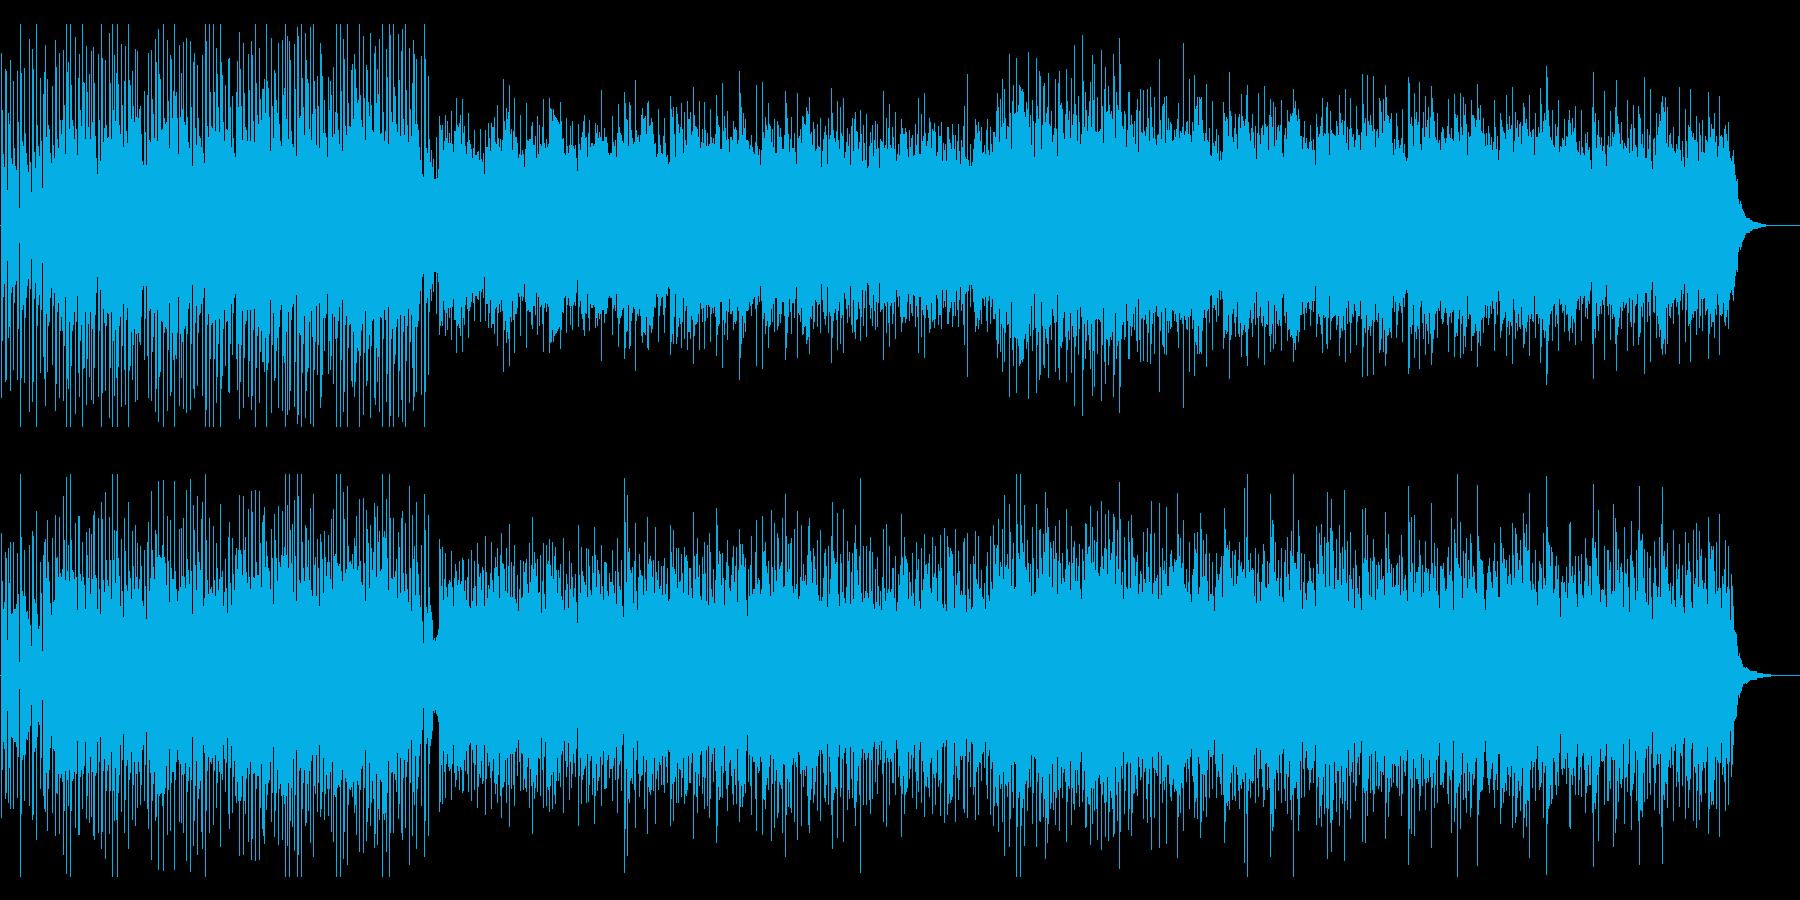 ウクレレEDM企業VP会社紹介 3分の再生済みの波形